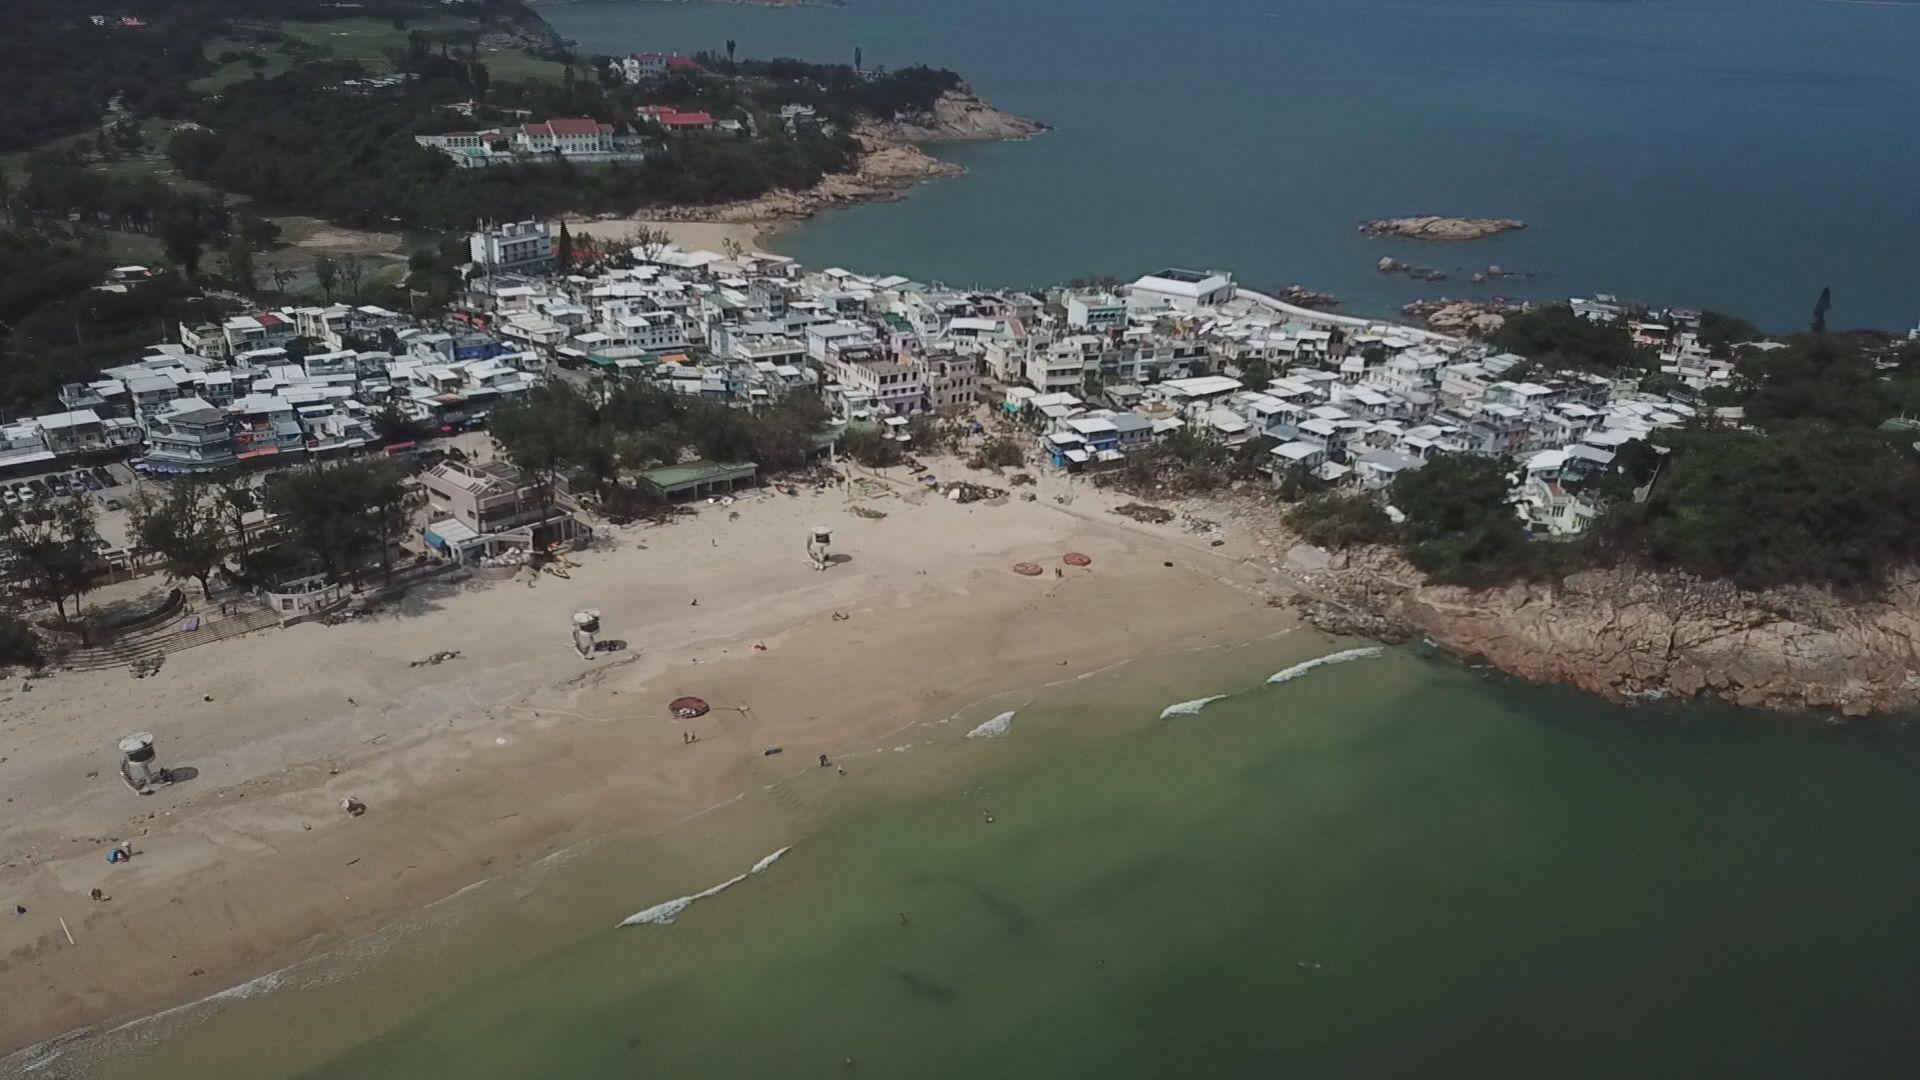 深水灣石澳污水喉管受損溢出污水